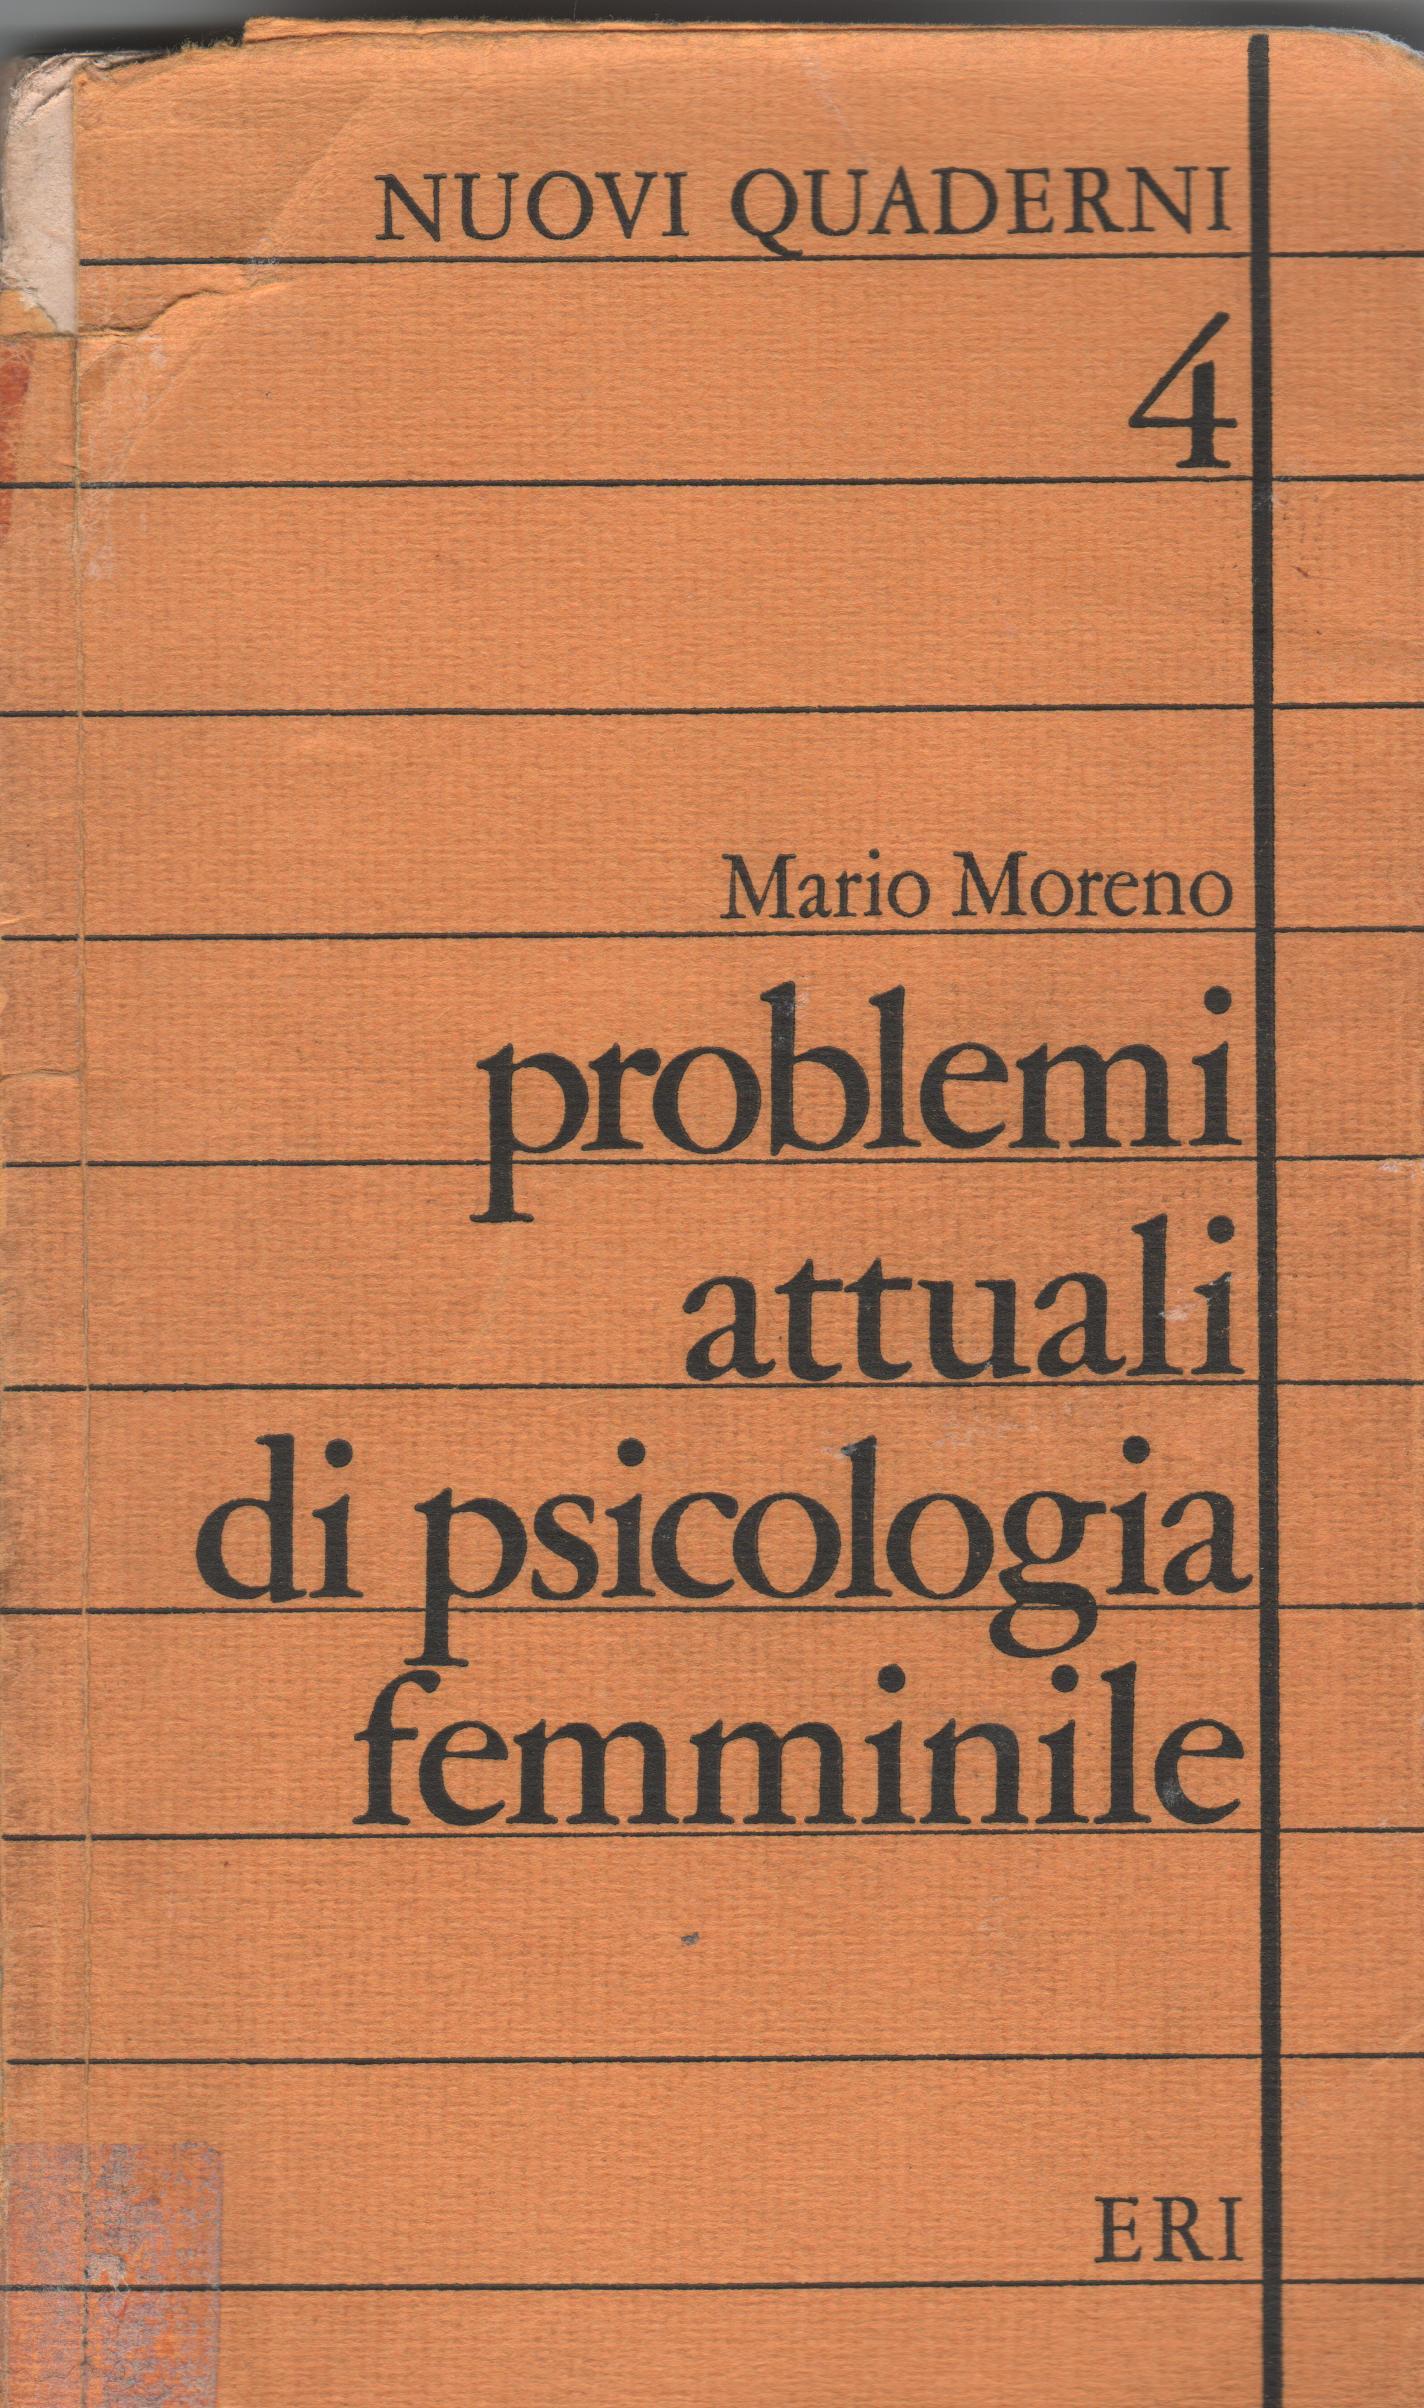 Problemi attuali di psicologia femminile